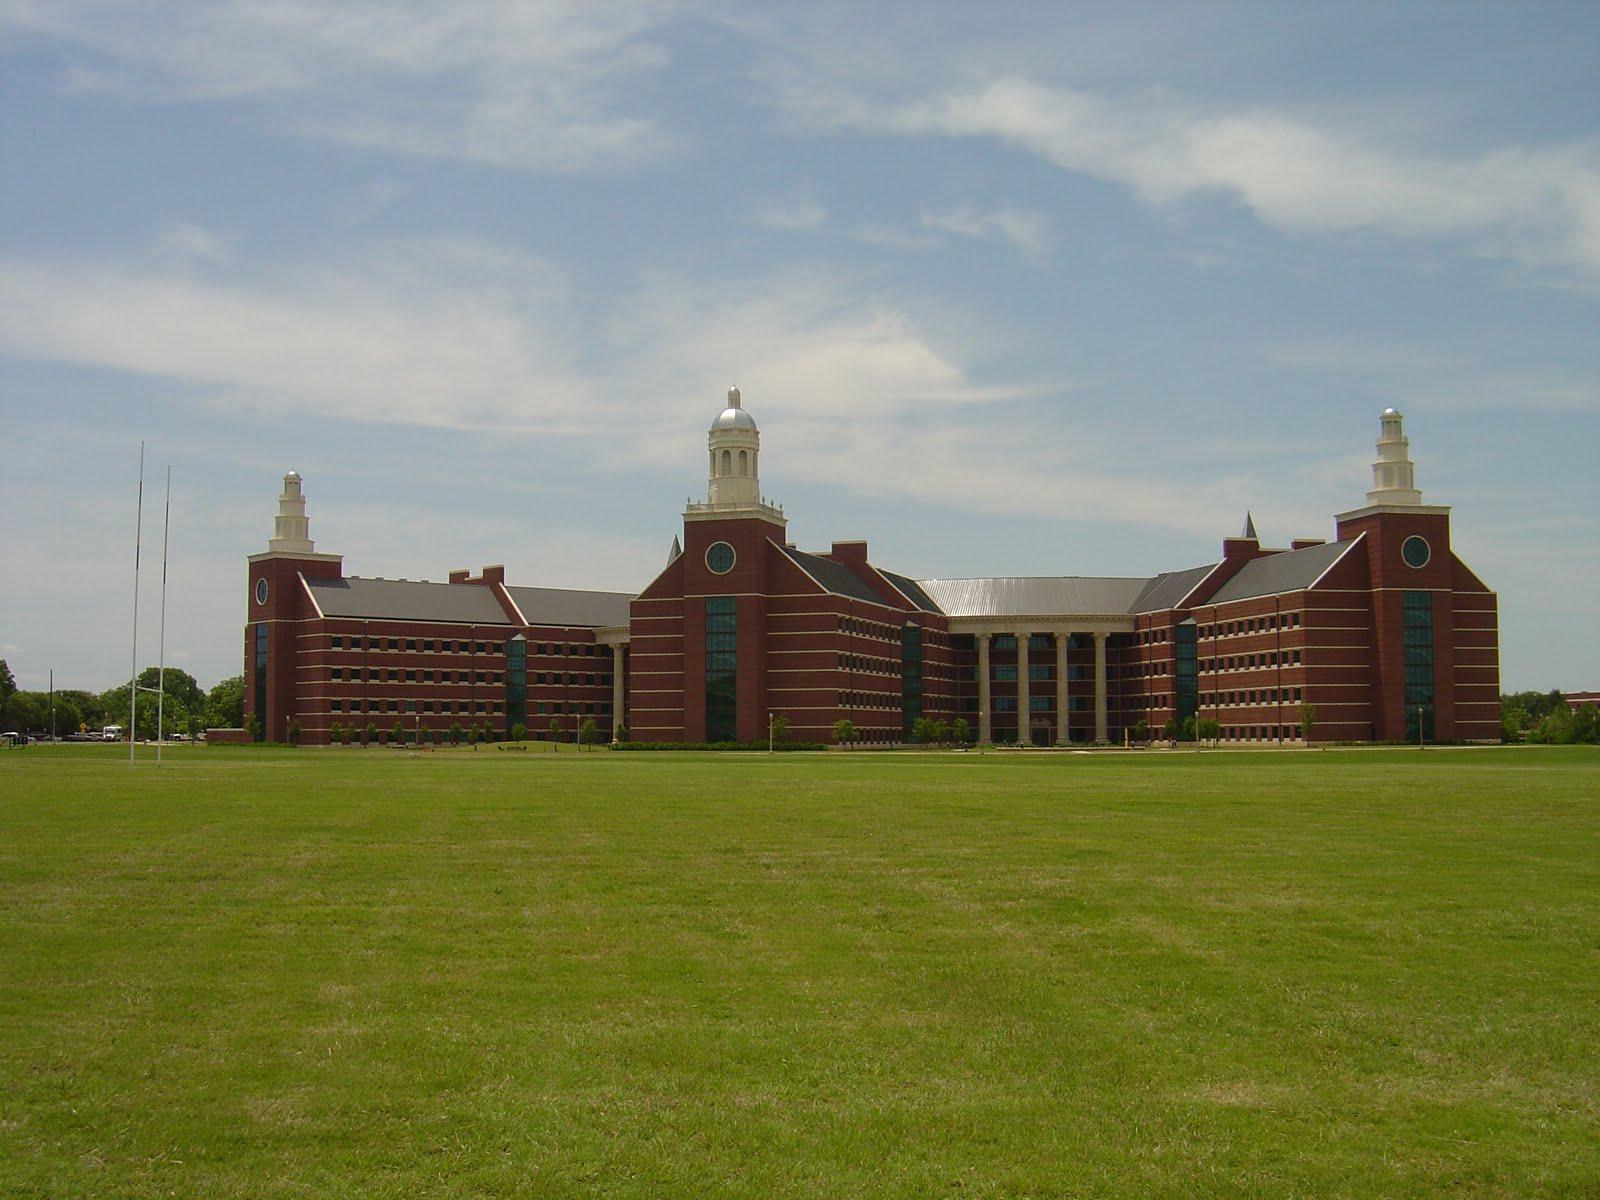 Baylor university architecure